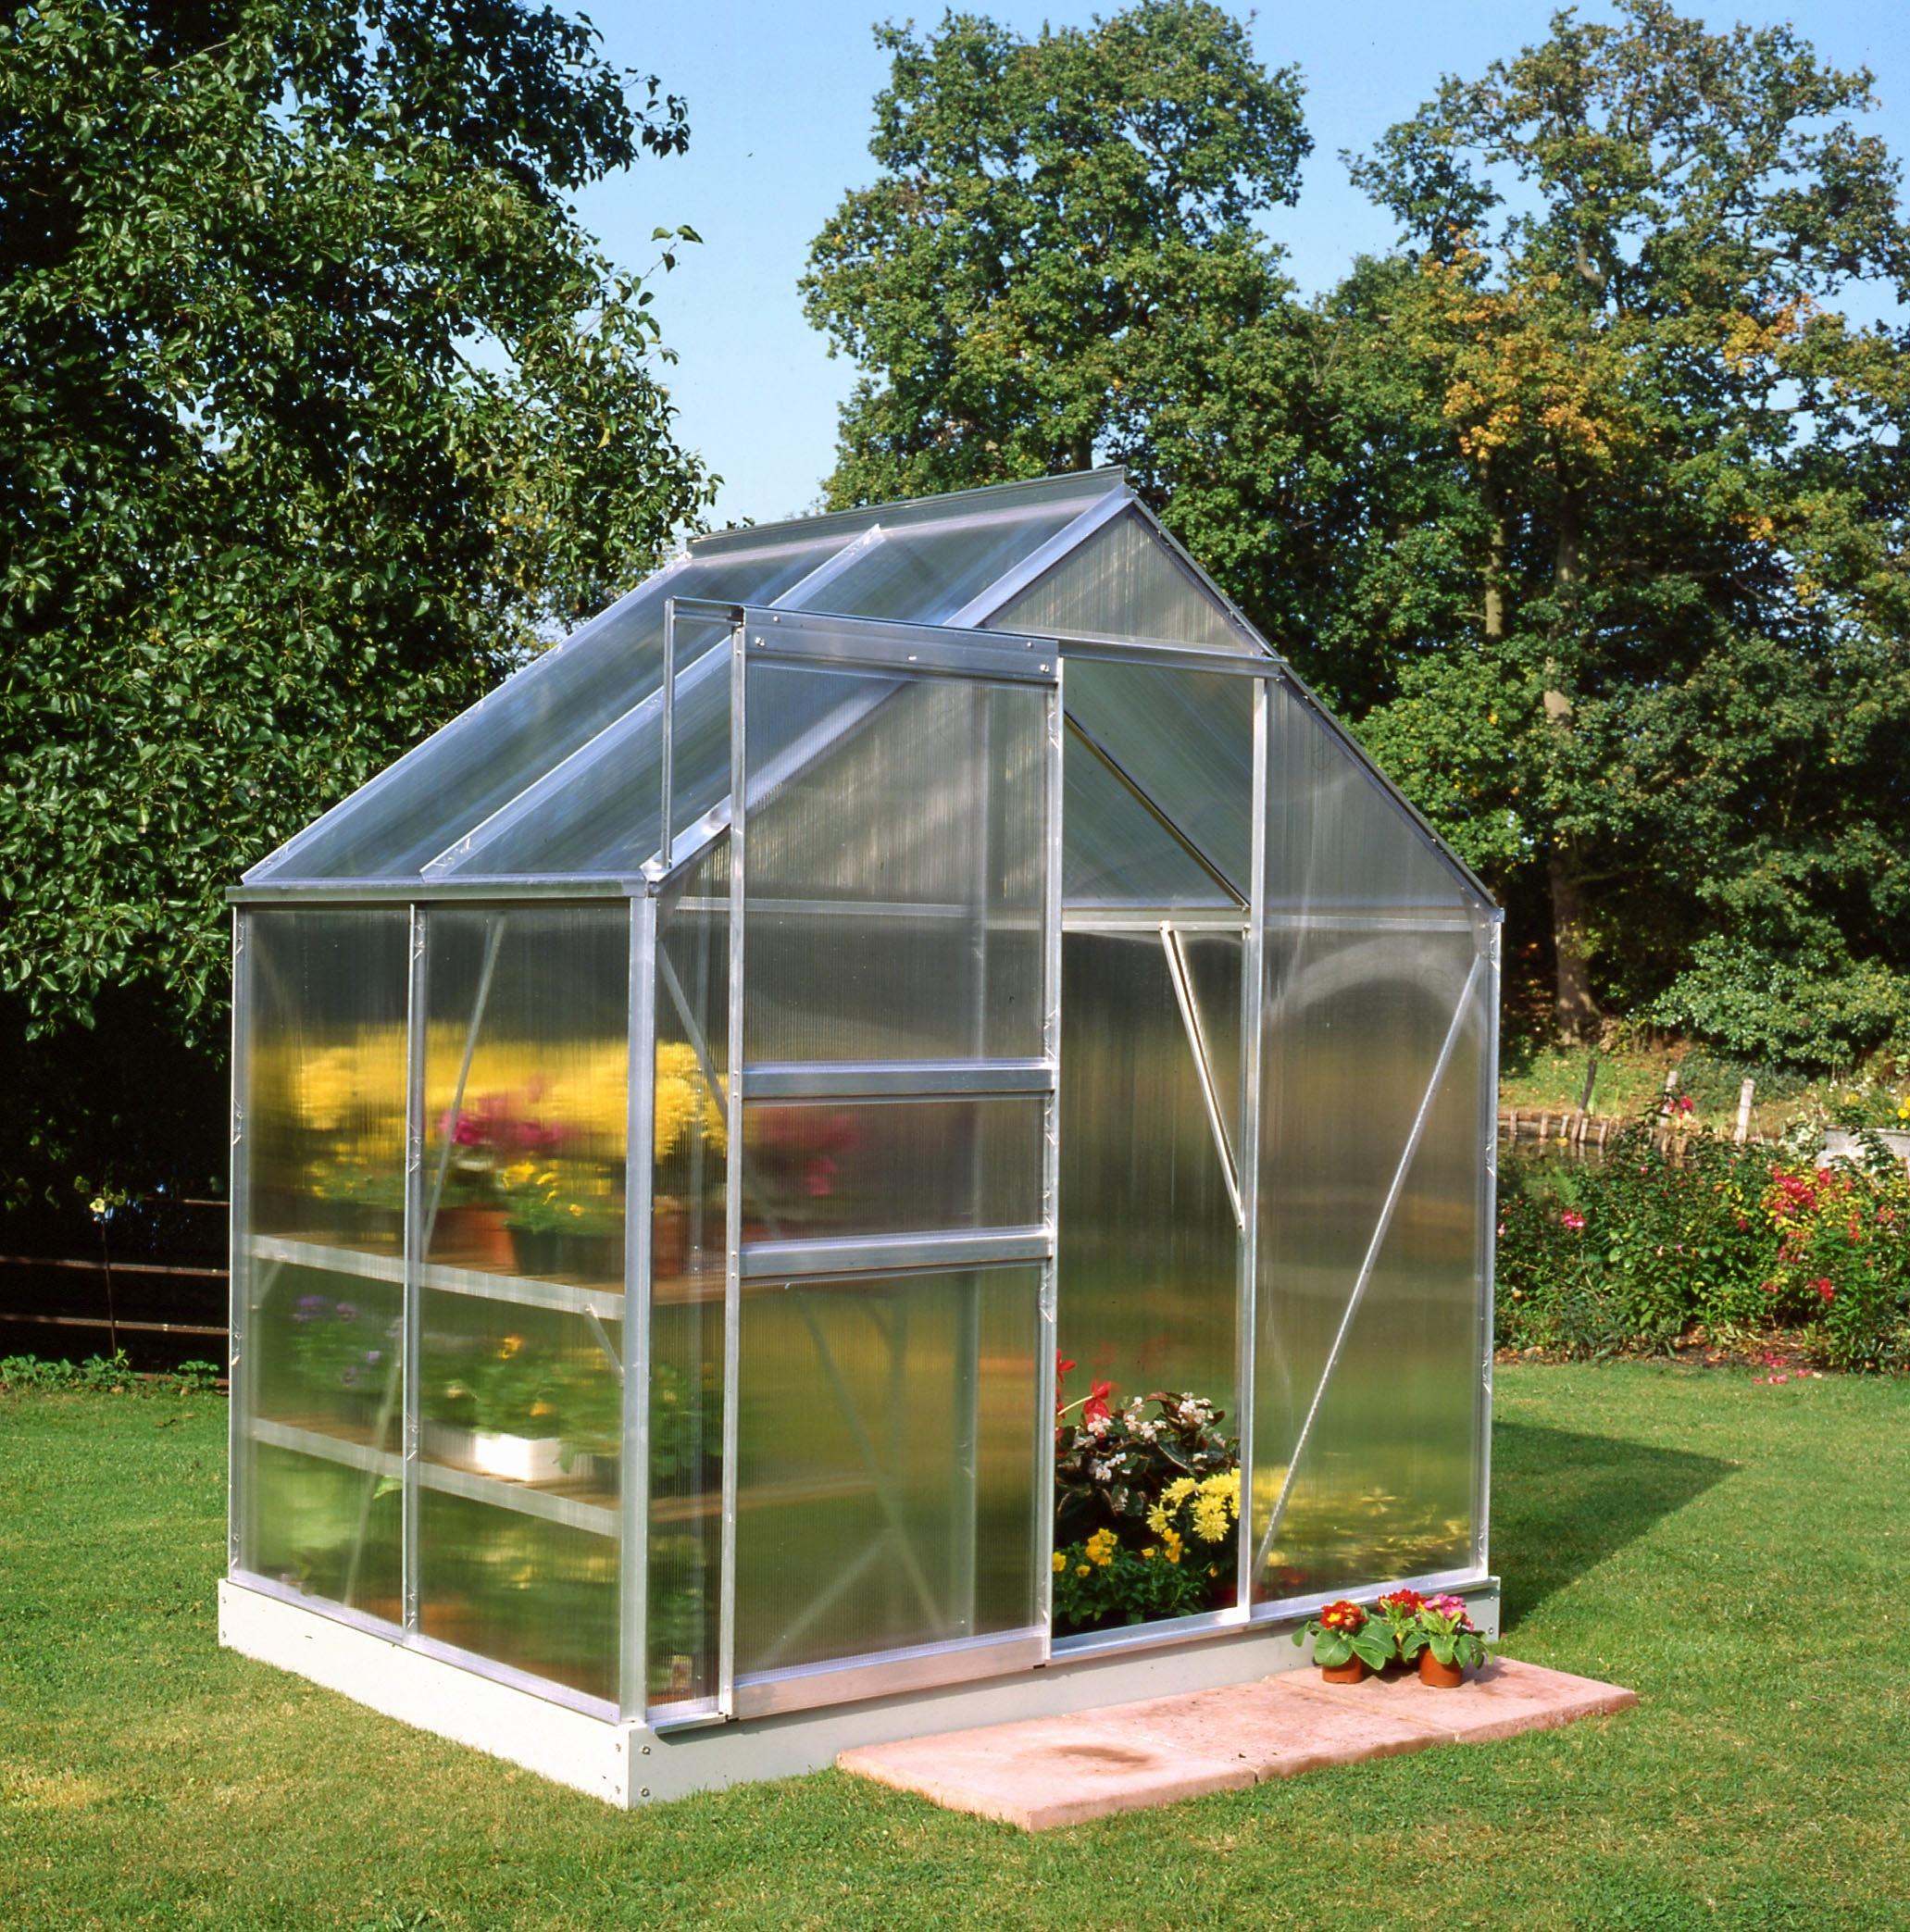 Portail Coulissant Occasion Bon Coin Meilleur De Photographie Les 10 Meilleur Serre De Jardin Occasion Image